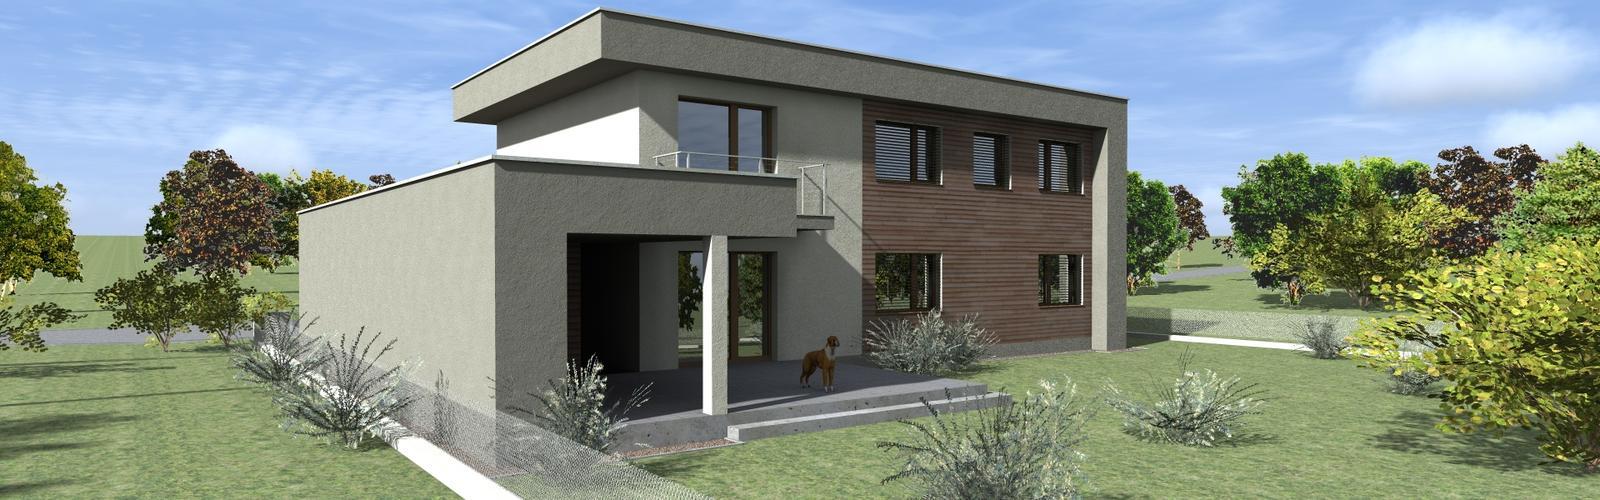 janvirostko - Energeticky pasívny dom v Košiciach - Šaci